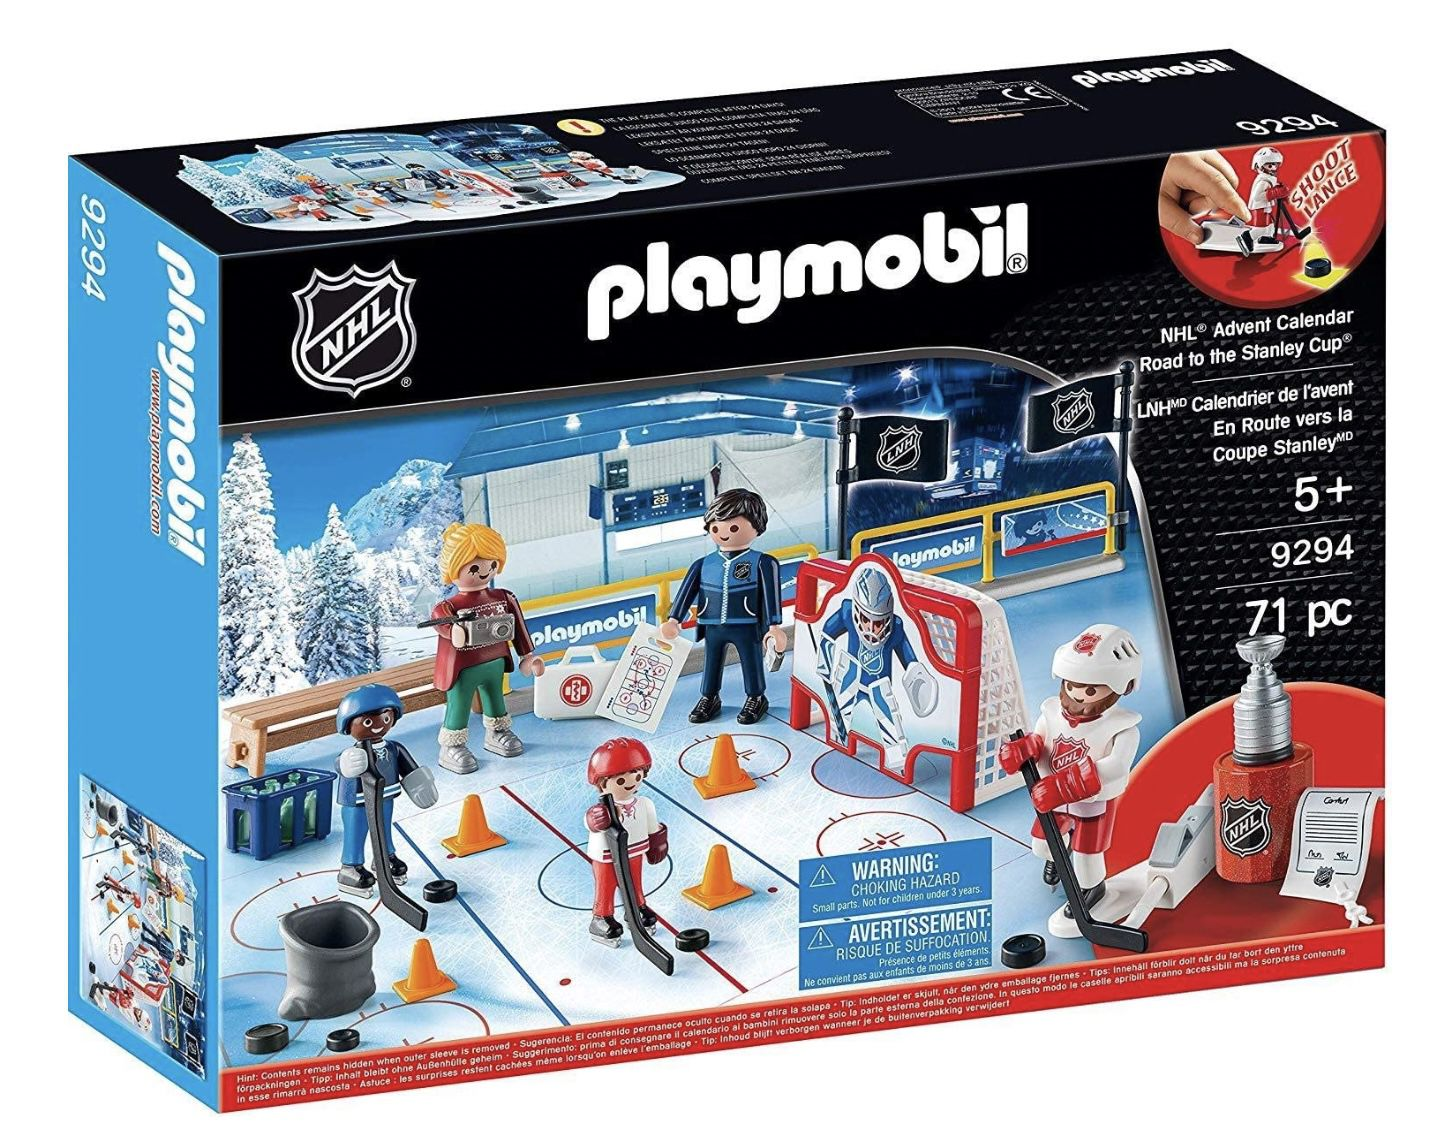 Playmobil 9294 Eishokey Adventskalender für 12,45€ (statt 19€)   Prime